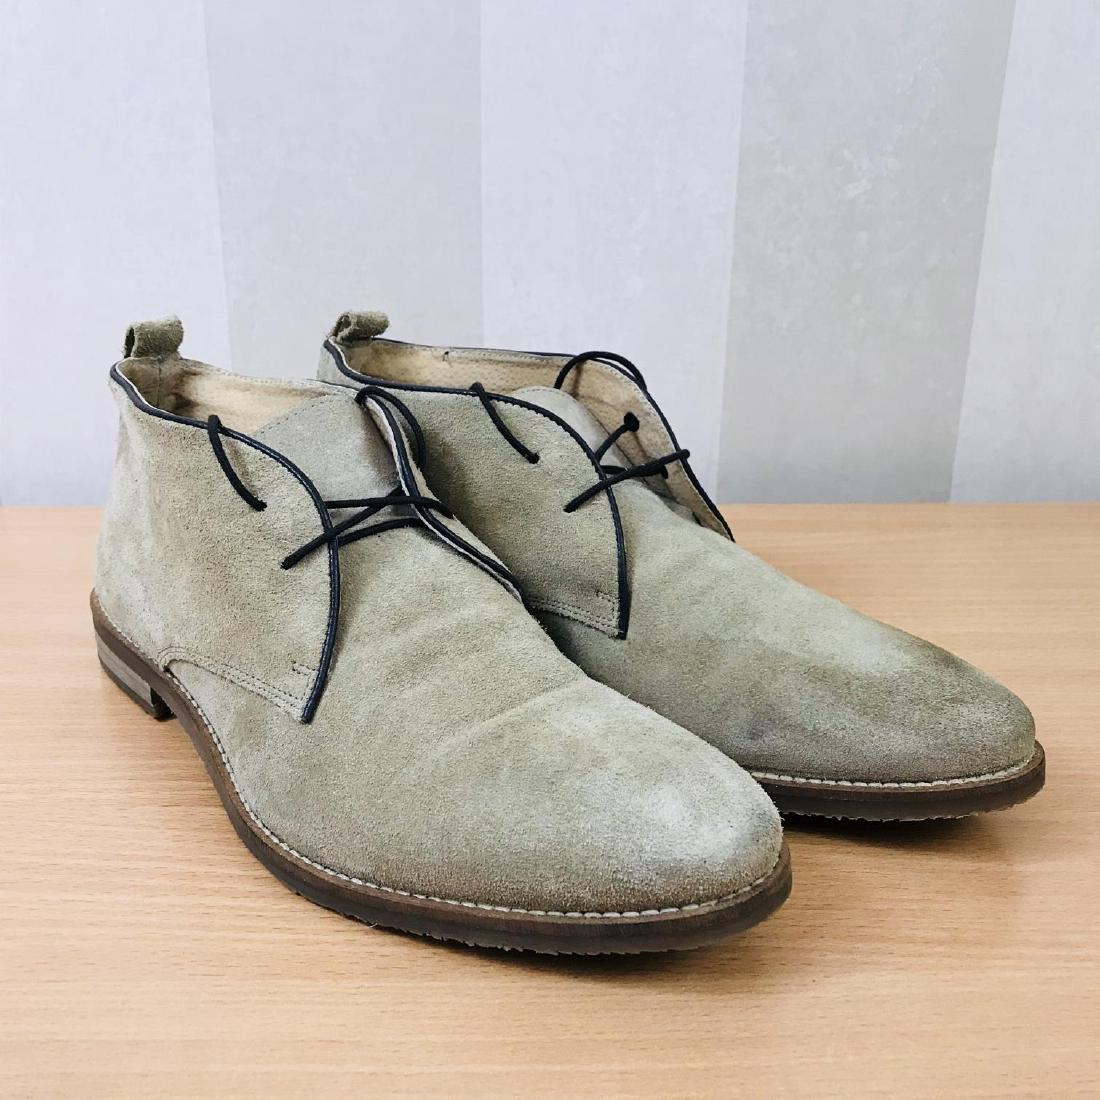 Vintage Men's Suede Leather Shoes Size EUR 44 US 11